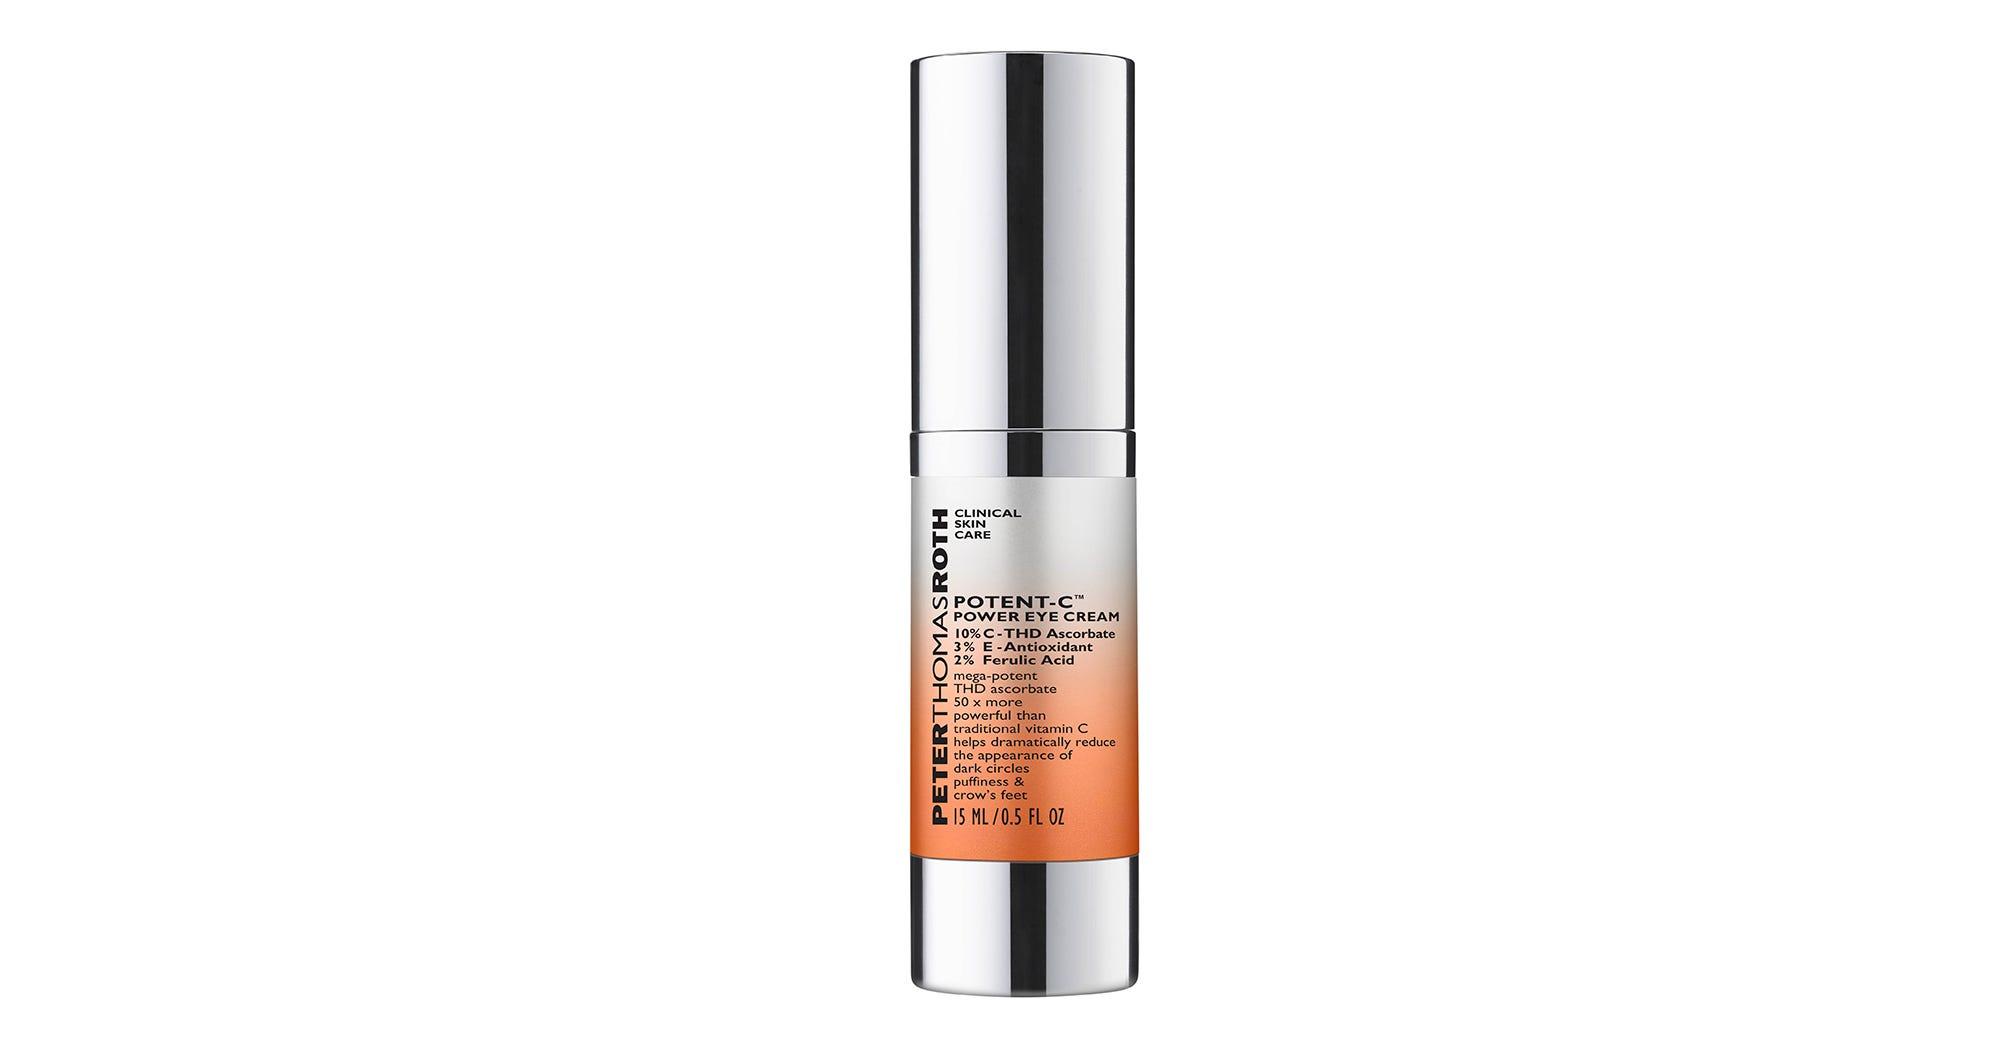 Vitamin C Skincare Skin Brightening Serum Eye Cream More 17 Best